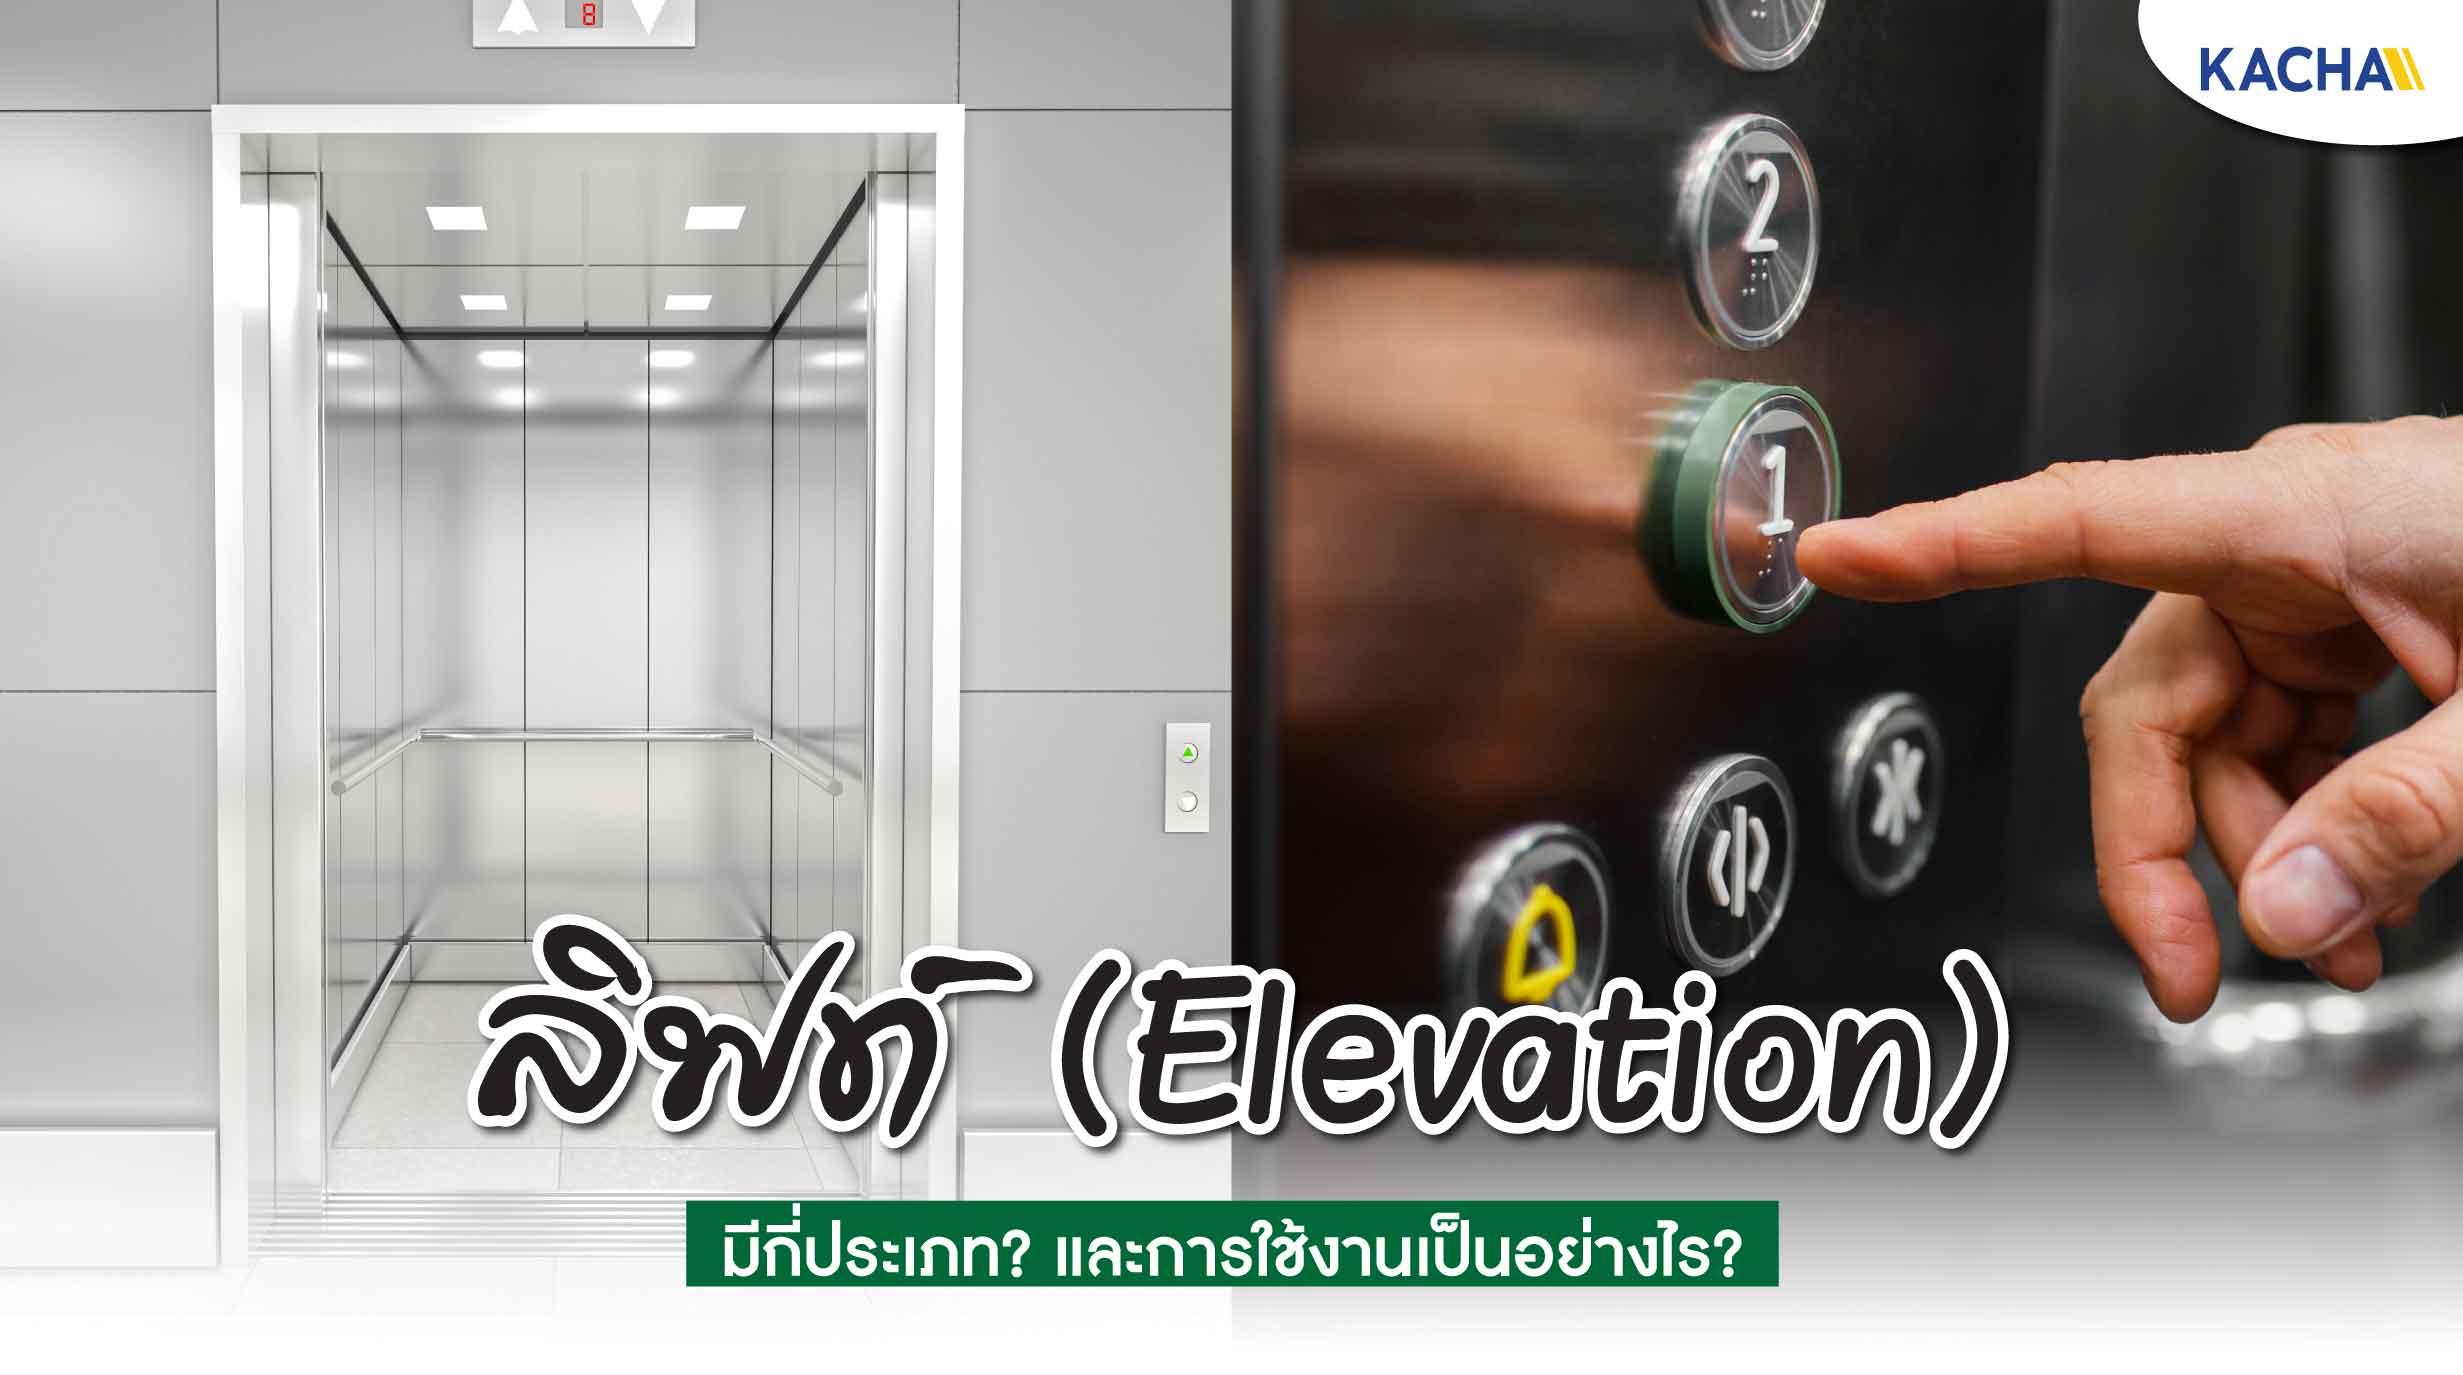 211018-Content-ลิฟท์-มีกี่ประเภท-ใช้งานอย่างไรบ้าง01